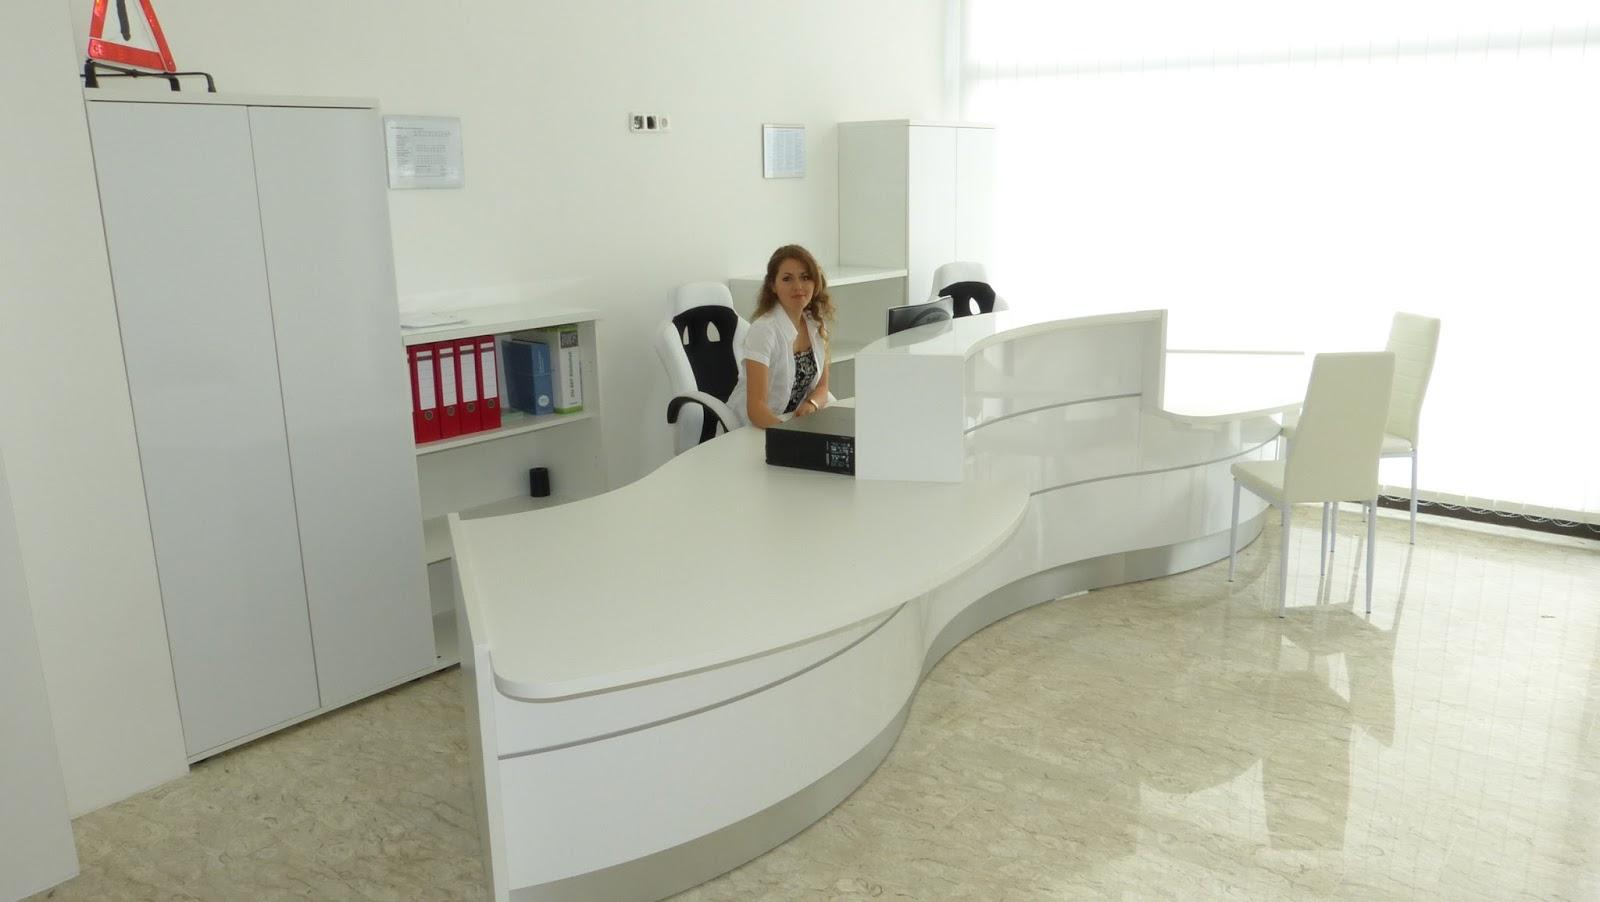 Tolle Büromöbel Hamm Fotos Die Besten Wohnideen kinjolas